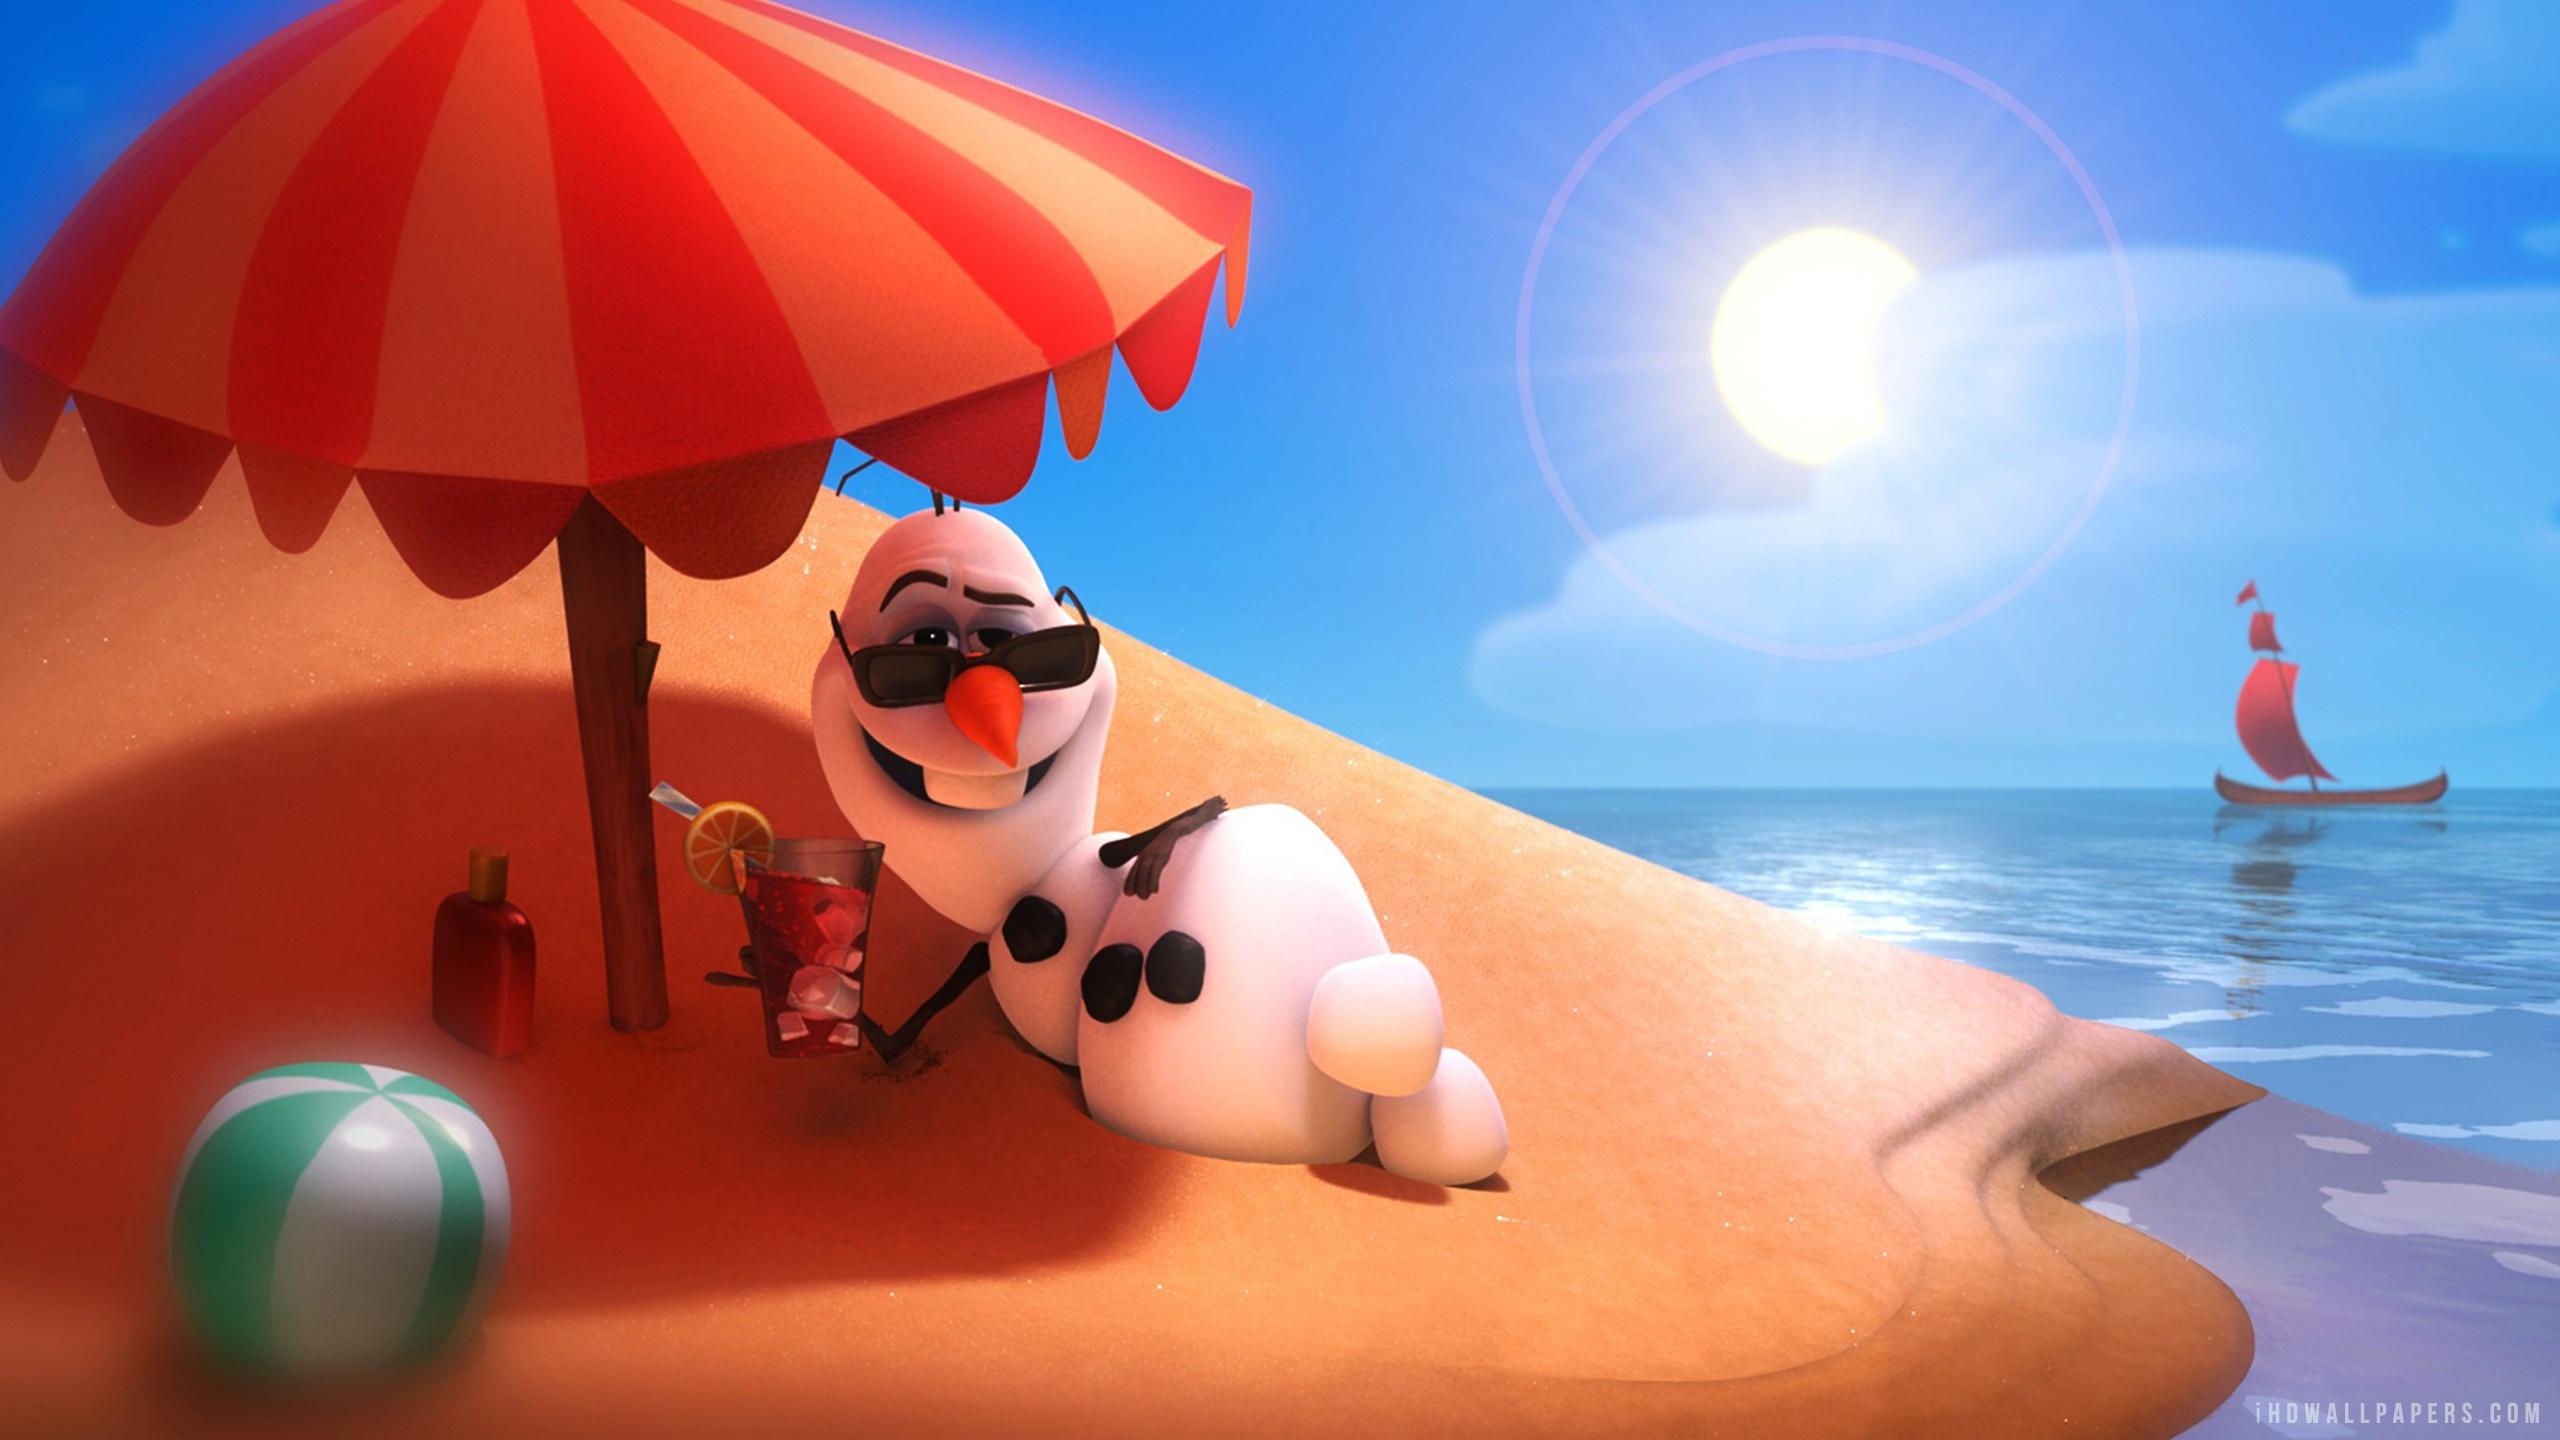 Disney Frozen Olaf HD Wallpaper   iHD Wallpapers 2560x1440